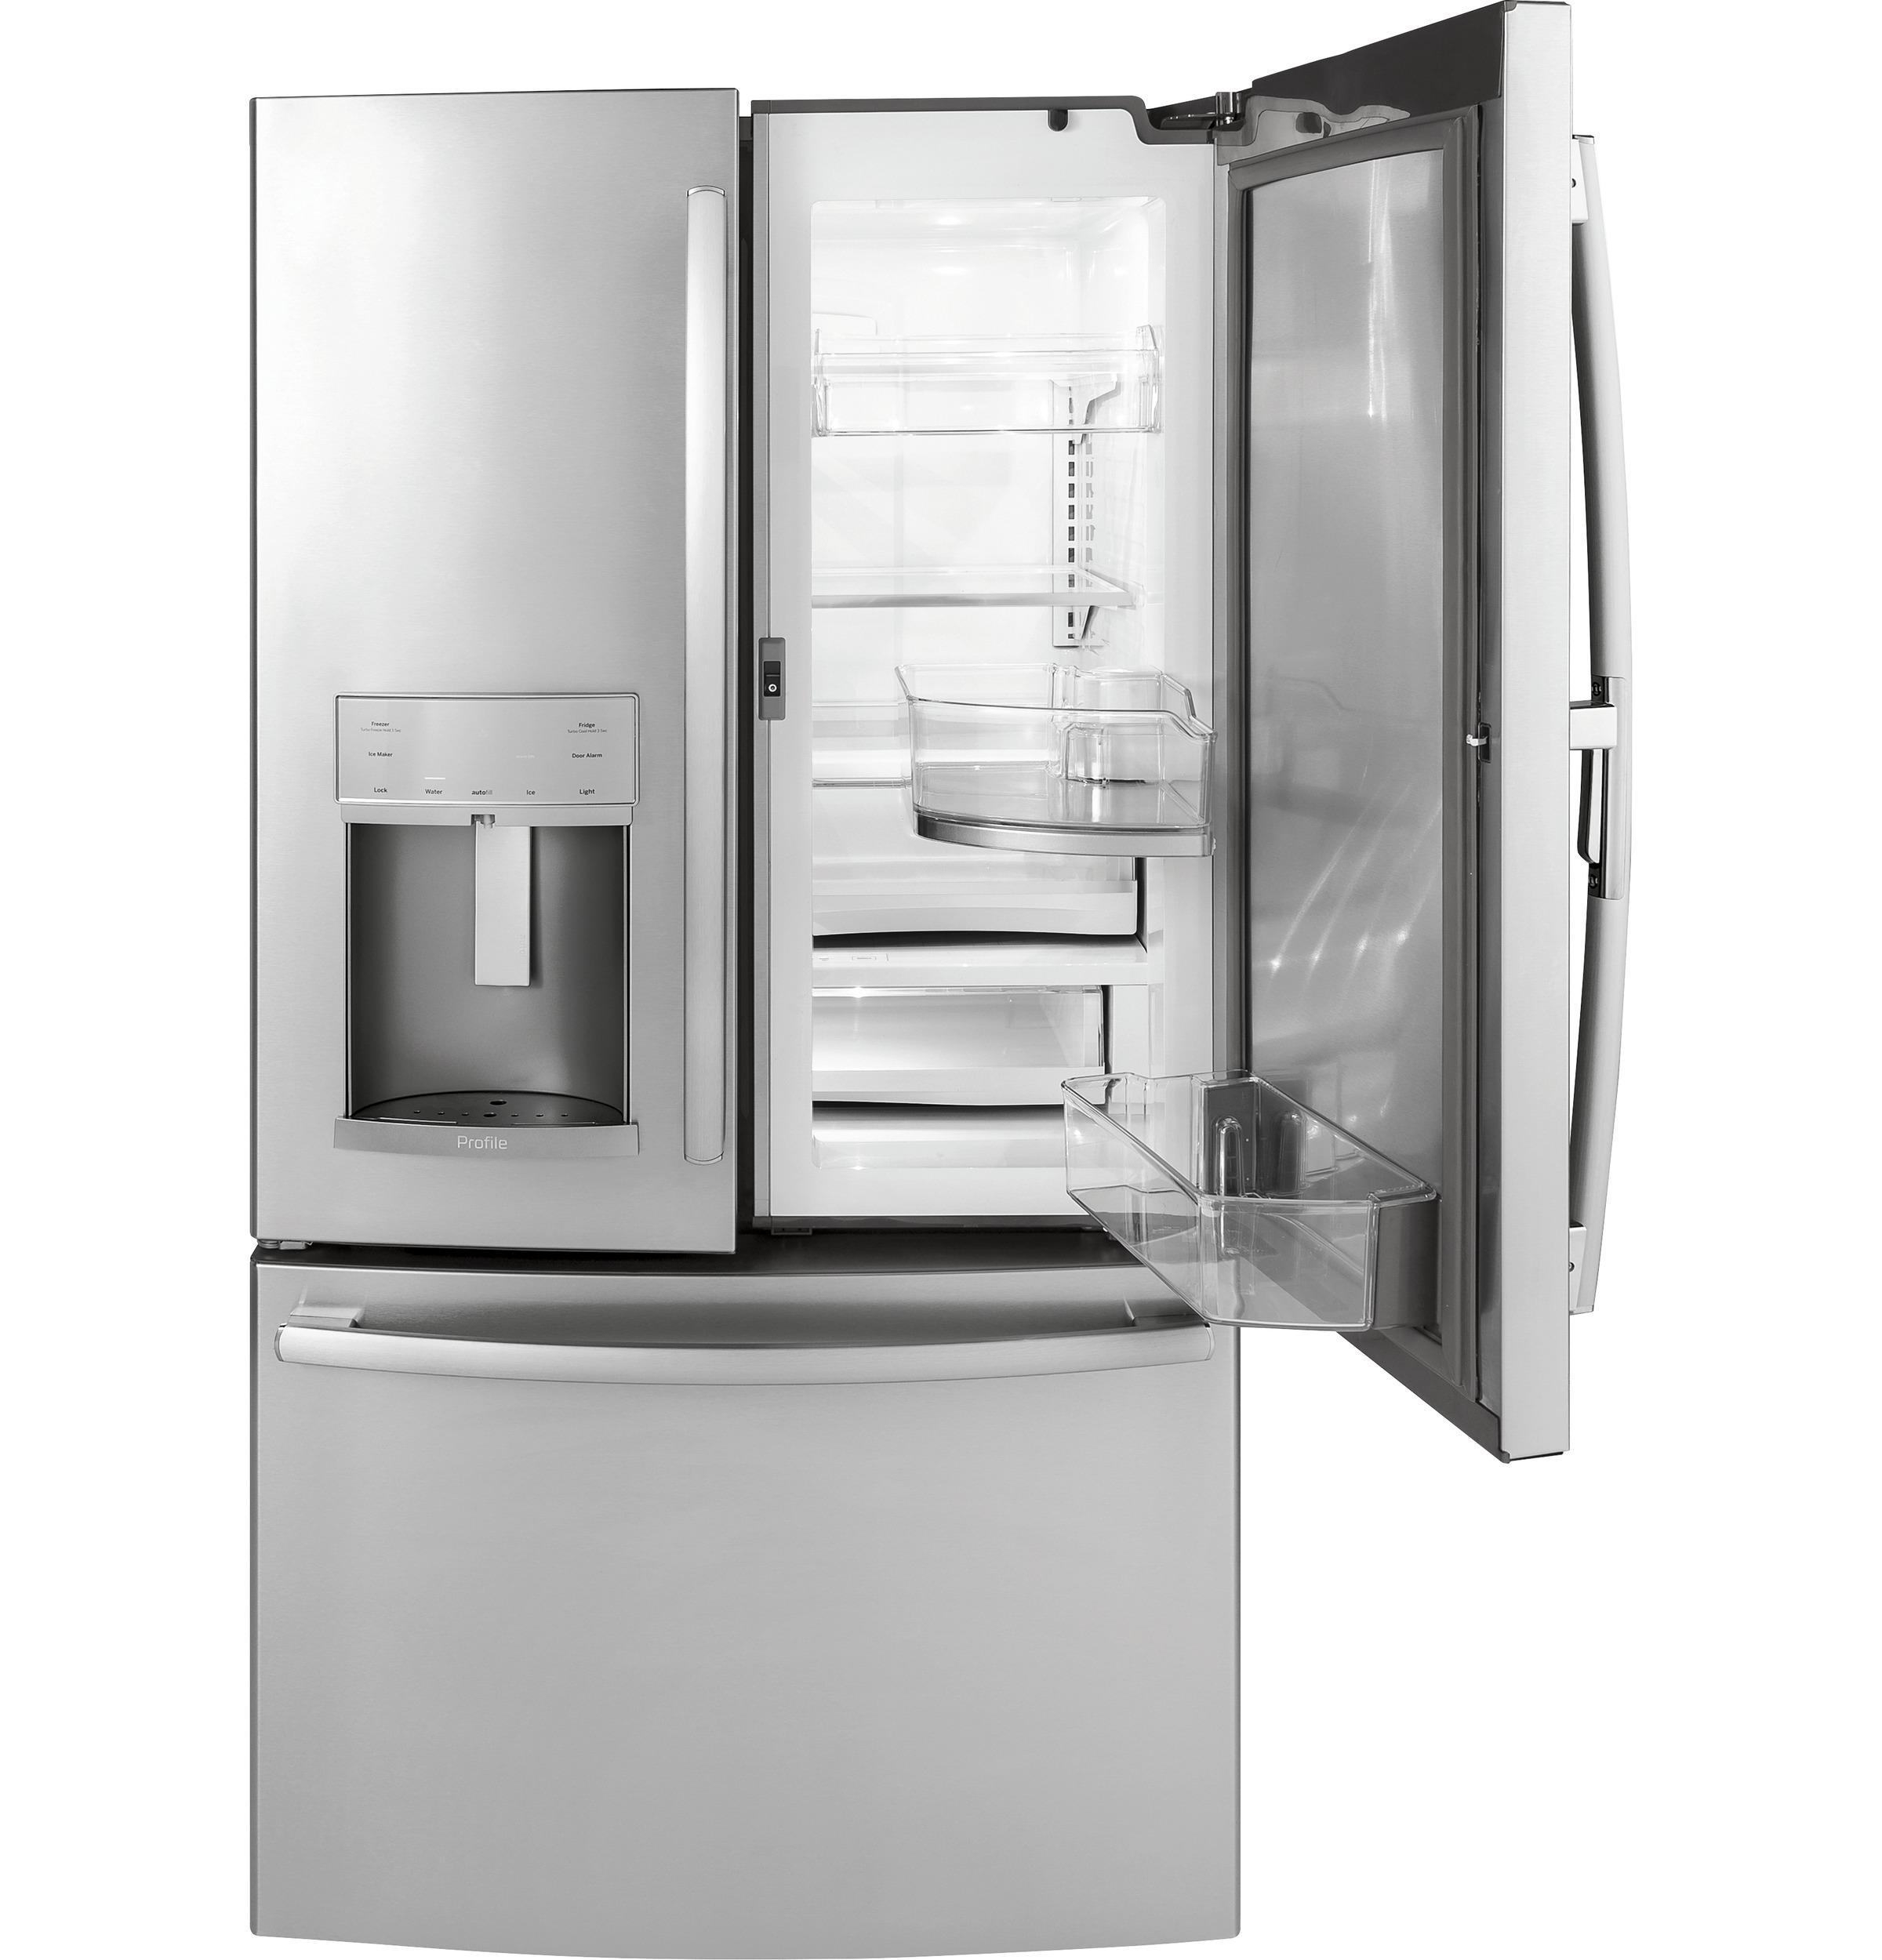 GE Profile Series 22.2 Cu. Ft. Counter Depth French Door Refrigerator With  Door In Door And Hands Free Autofill